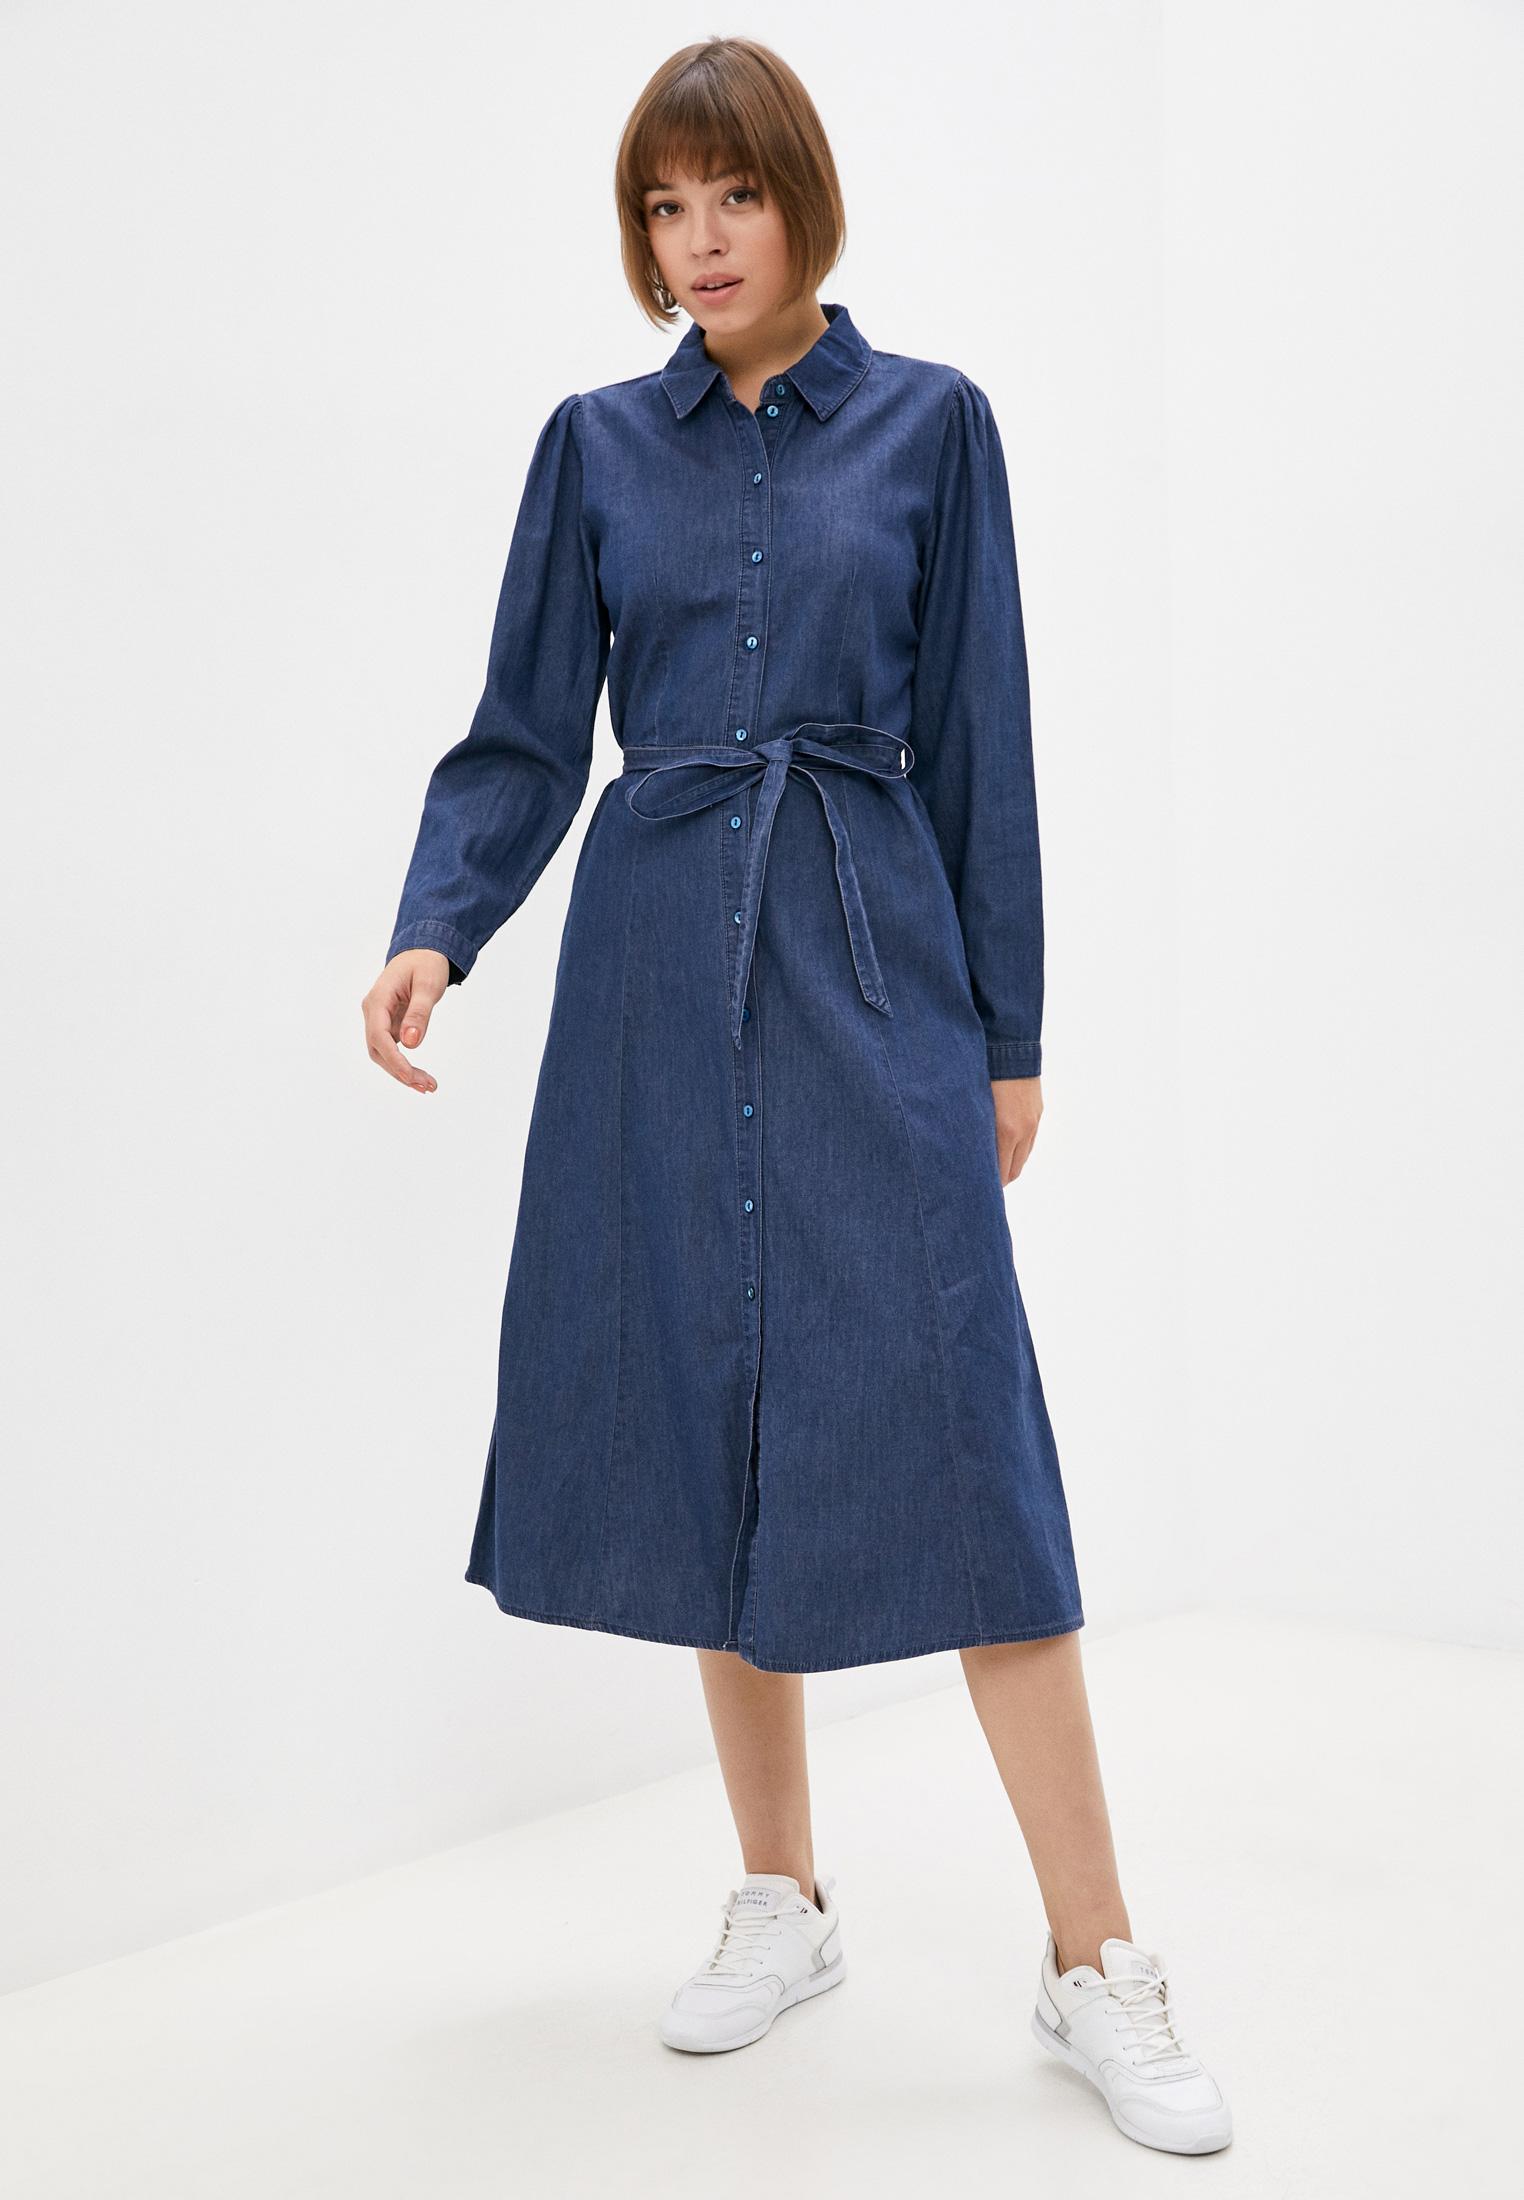 Платье Only (Онли) Платье джинсовое Only